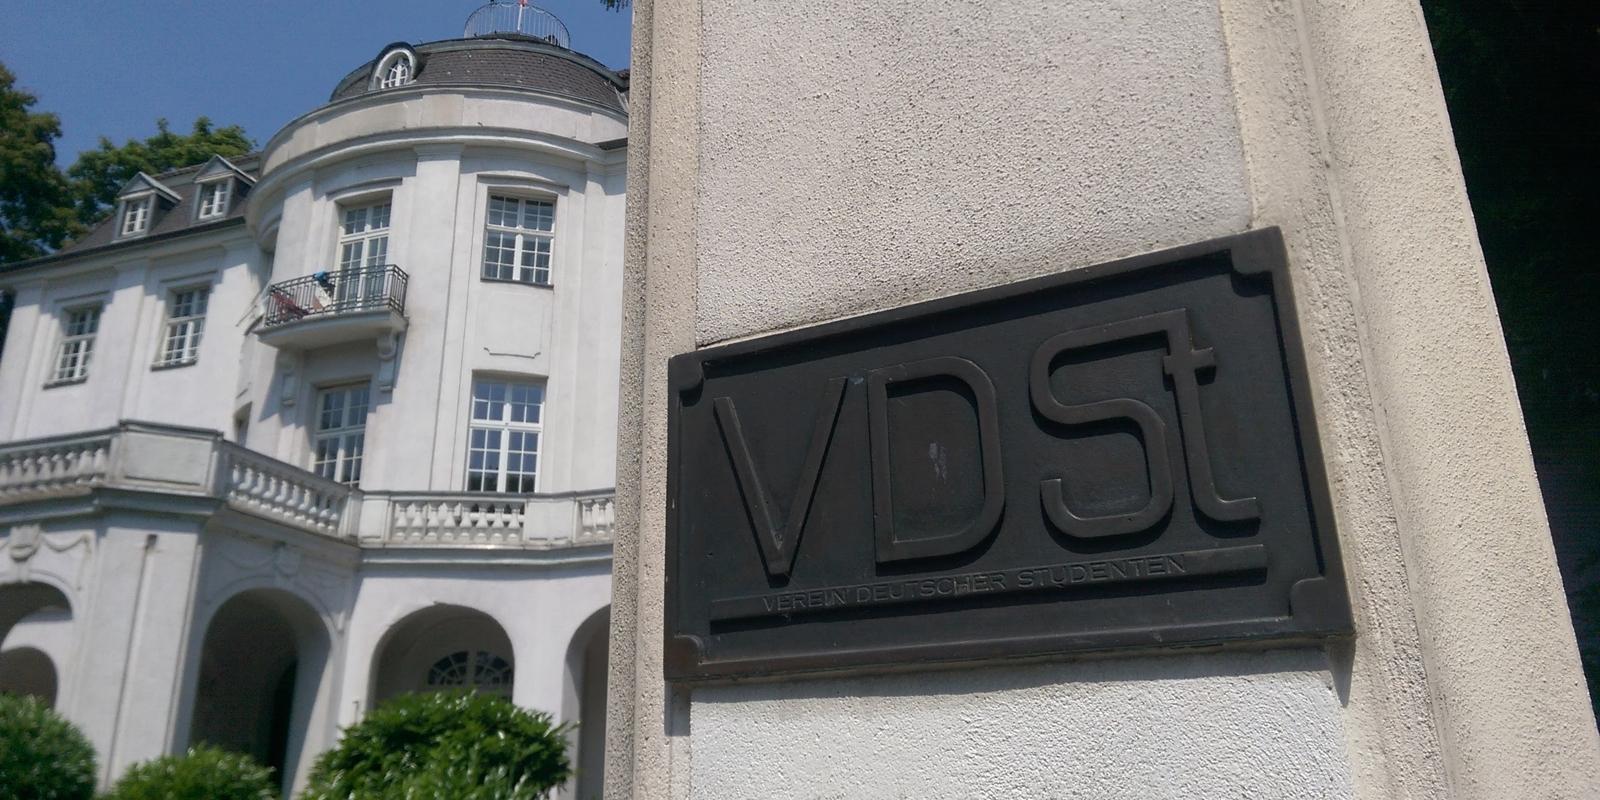 VDSt zu Aachen